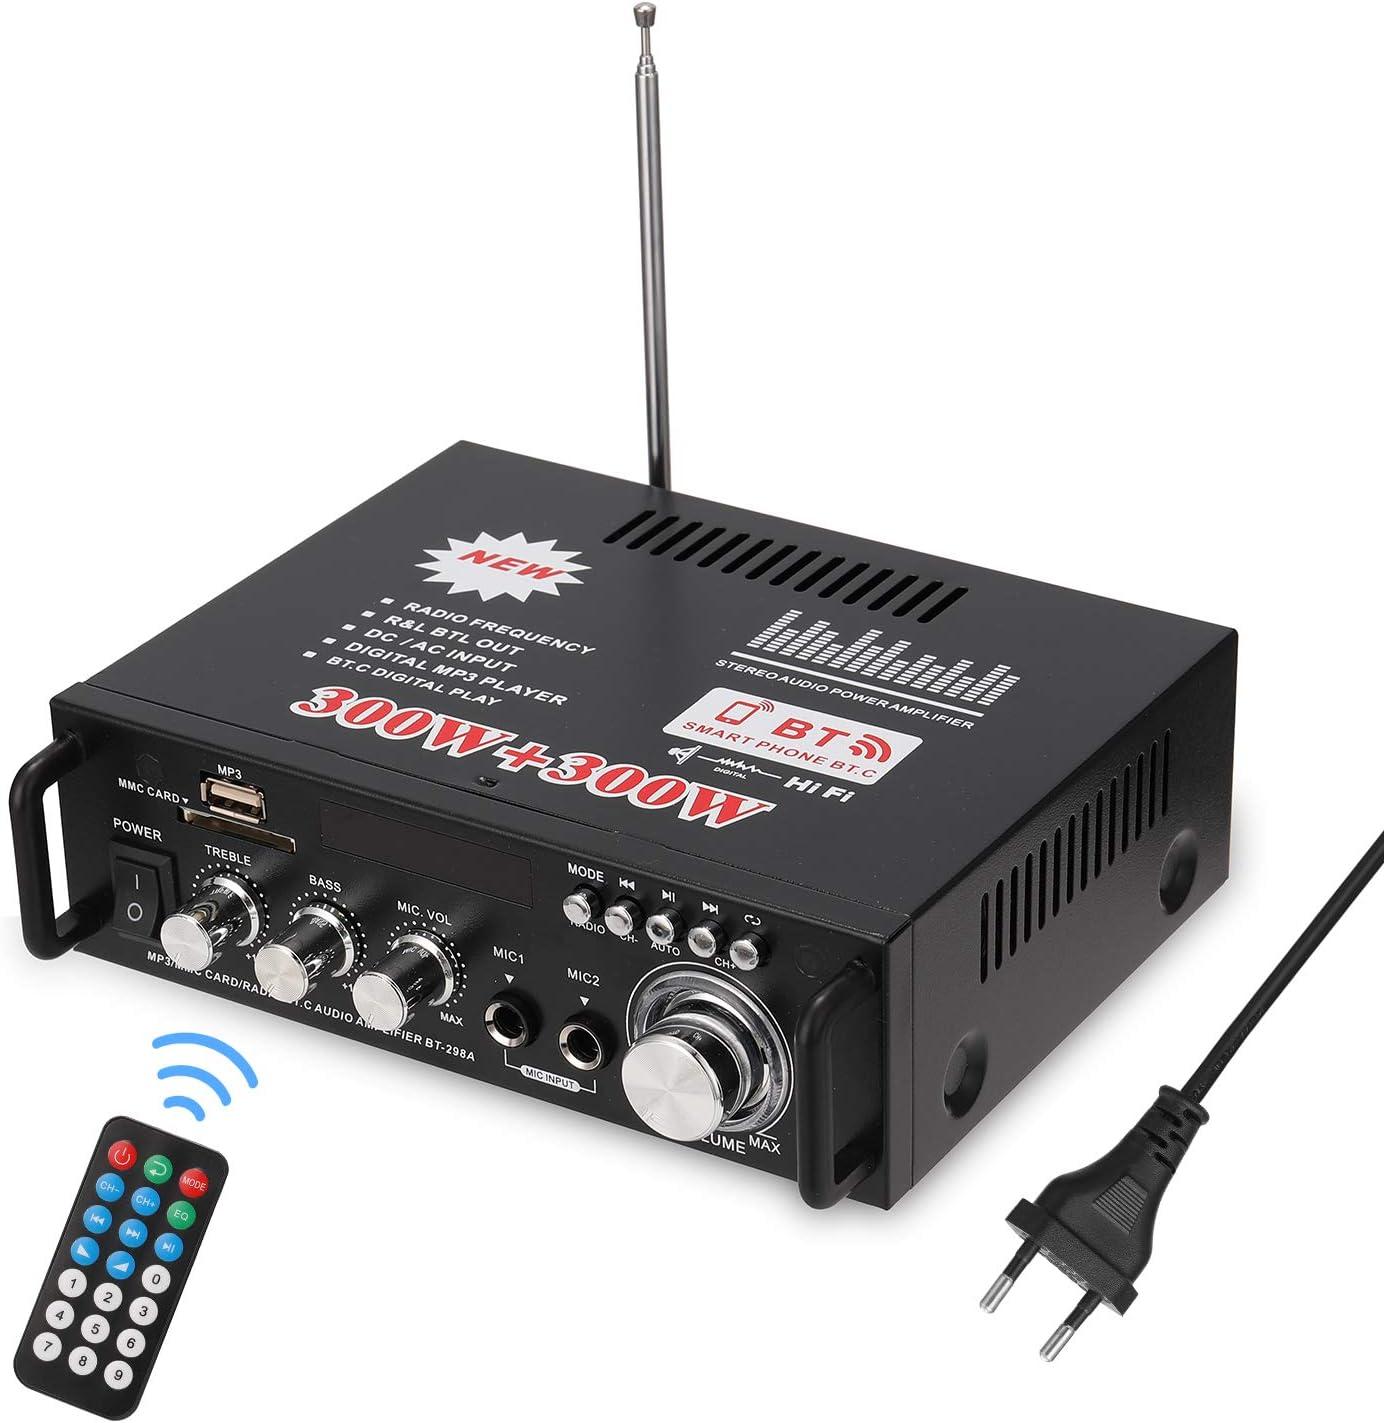 Docooler 12 V/220V Mini Amplificador BT,HiFi Audio Estéreo Amplificador 2CH Pantalla LCD de Alta fidelidad, BT FM Radio Portátil Auto Home 600 W, Mando a Distancia Audio Amplificador